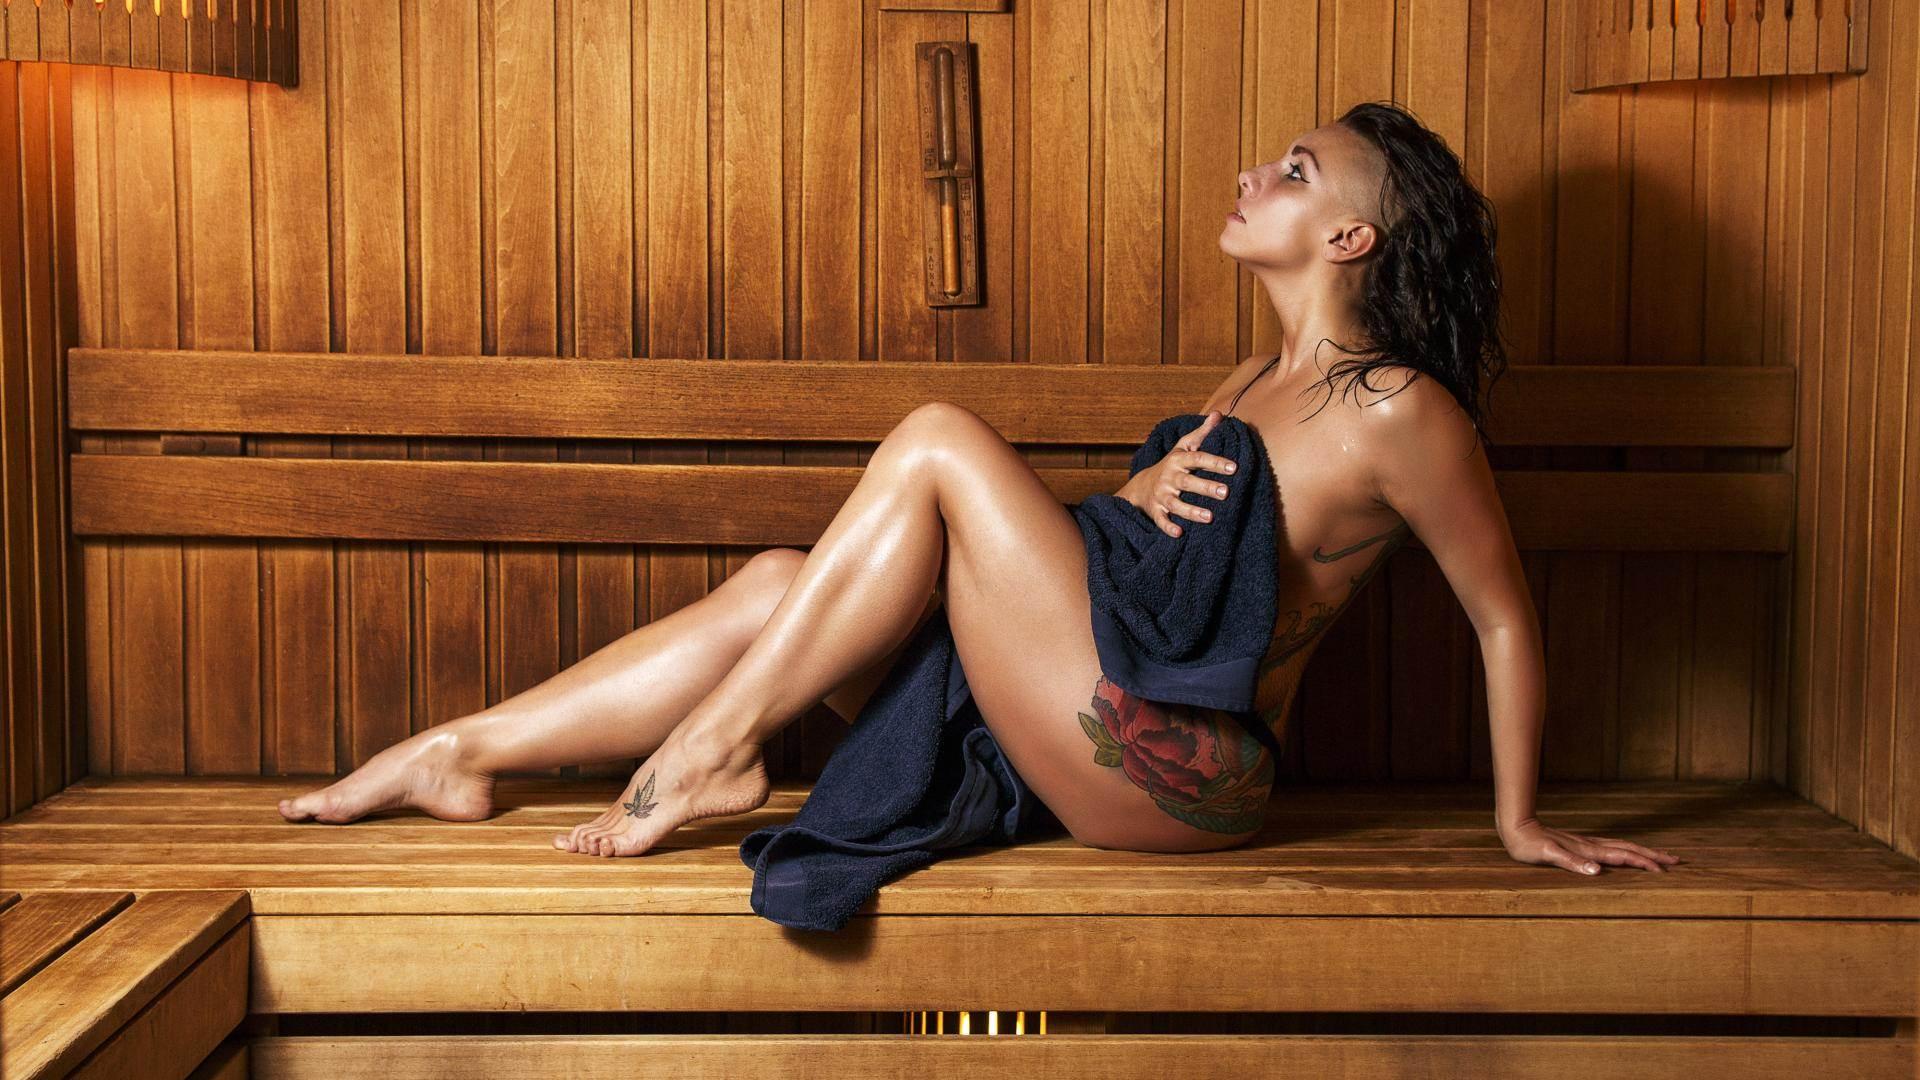 Фото телки массажистки в сауне, секс после тренировки в душевой